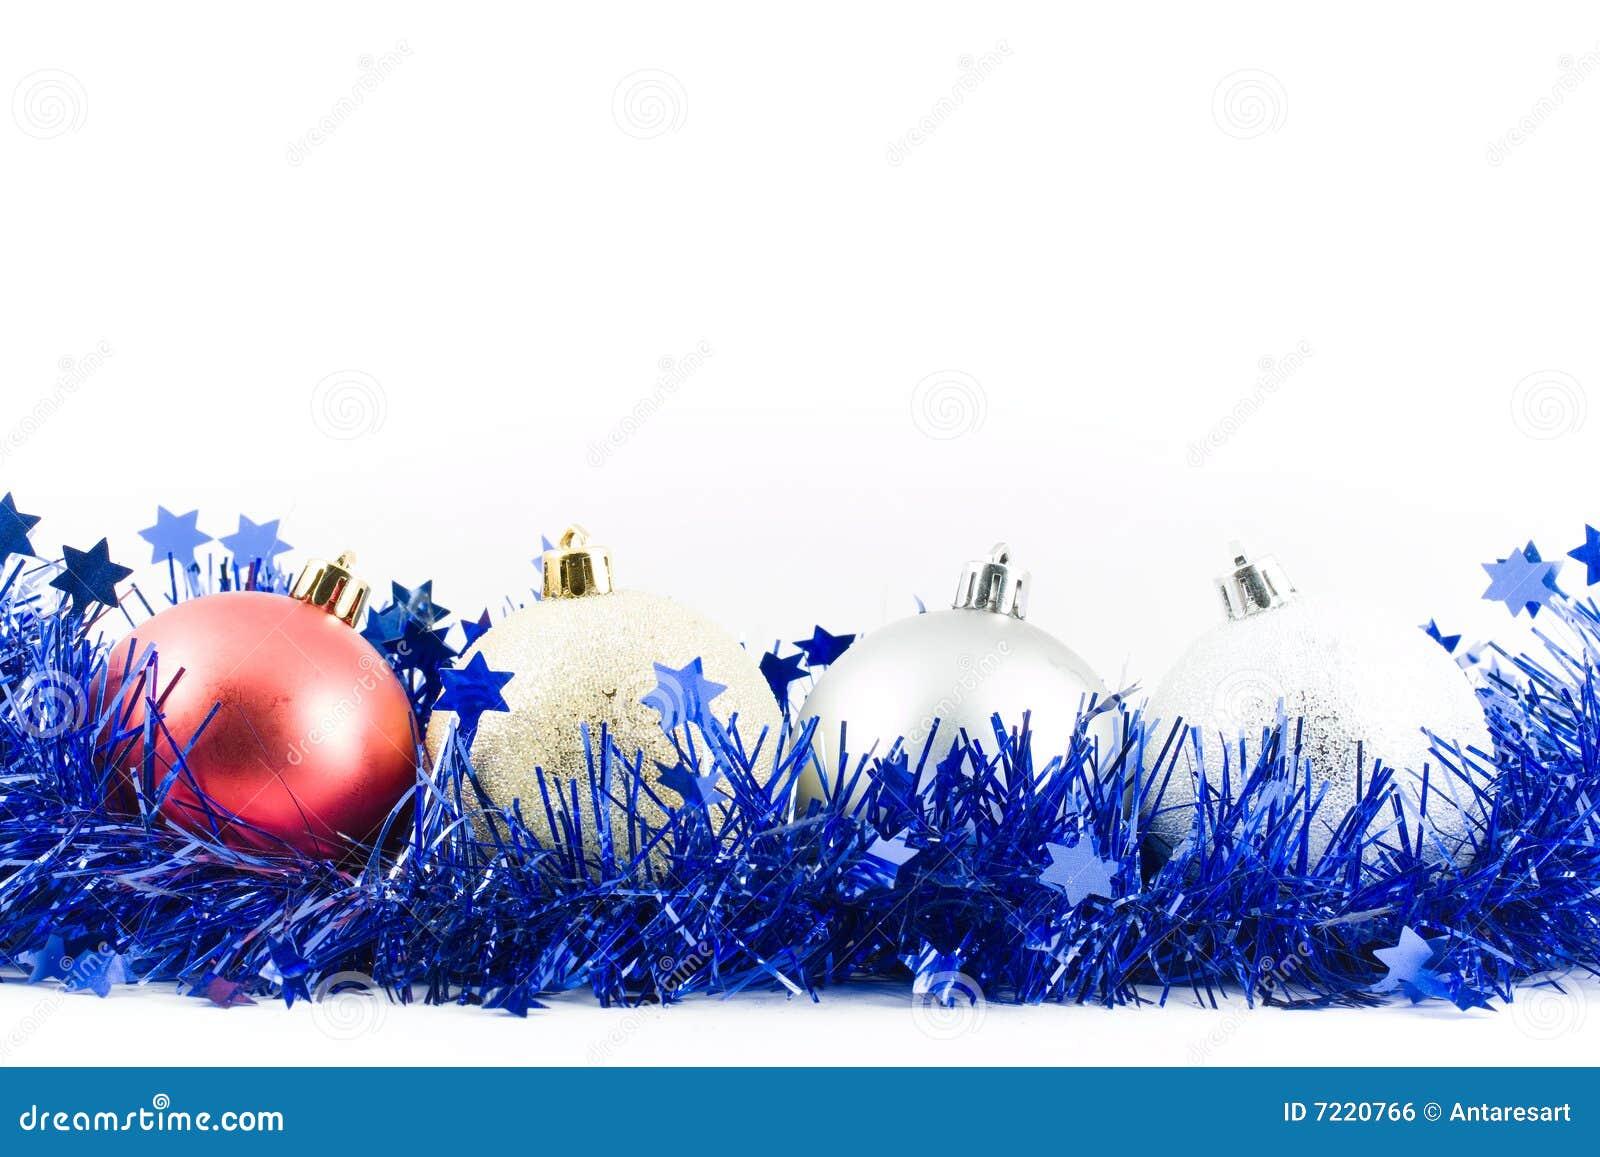 Christmas balls hanging on tinsel stock photo